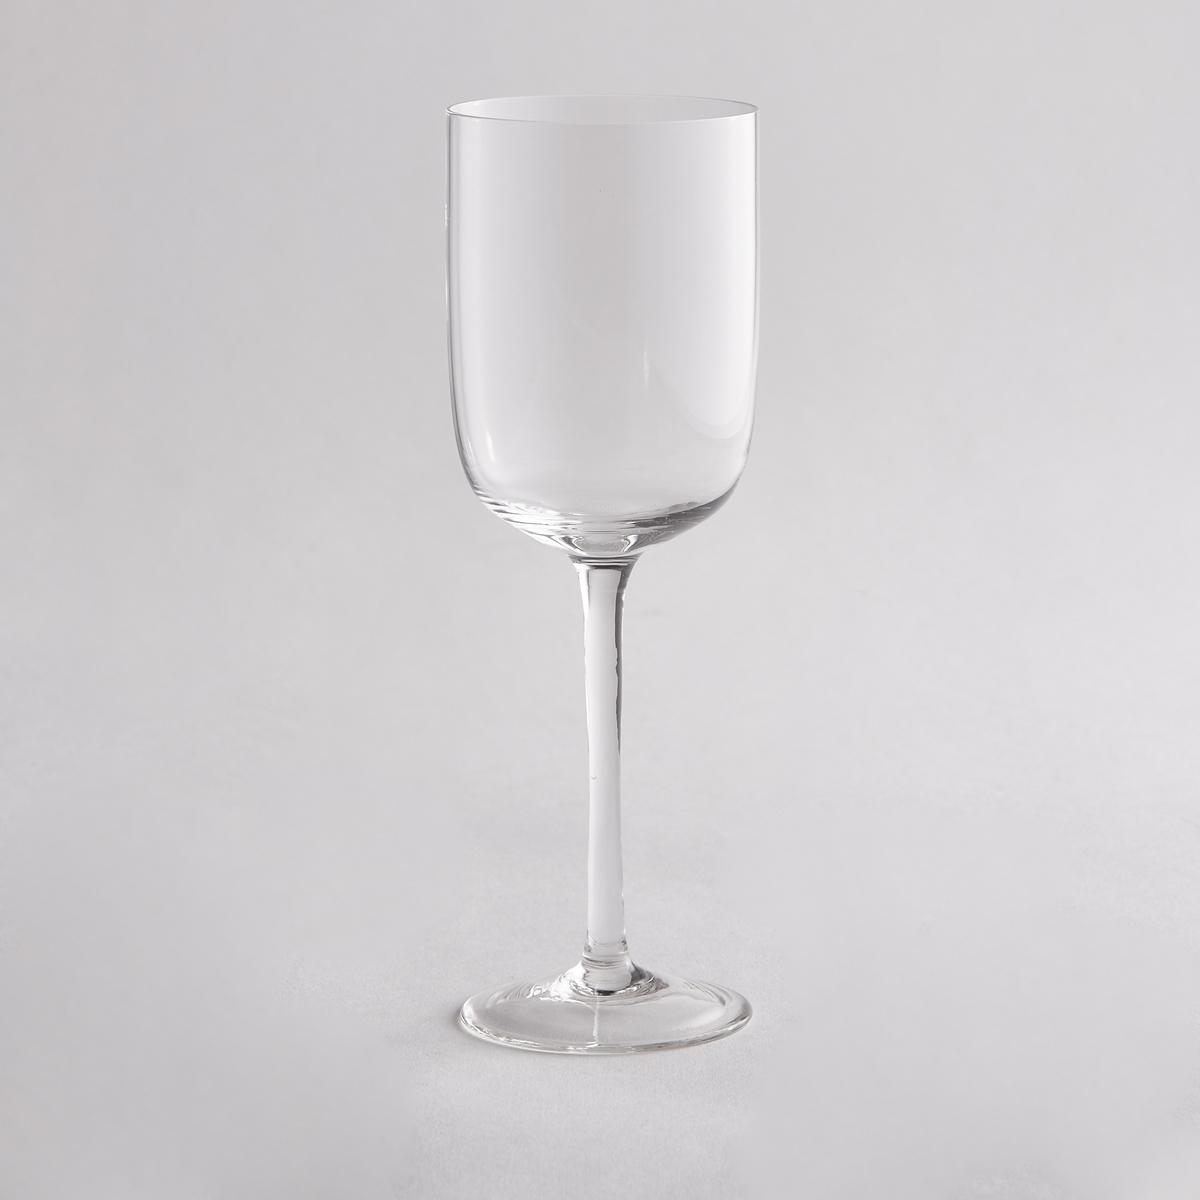 4 бокала под красное вино, PARFITTКомплект из 4 бокалов под красное вино Parfitt . Изысканный дизайн, который придется Вам по вкусу. Характеристики 4 бокалов под красное вино   Parfitt  :Бокалы под красное вино прямой формы Подходят для использования в посудомоечной машинеПродаются комплектом из 4 штРазмеры 4 бокалов под красное вино  Parfitt  :- Диаметр  : 7,4 / 7 смВысота : 22,2 см<br><br>Цвет: прозрачный